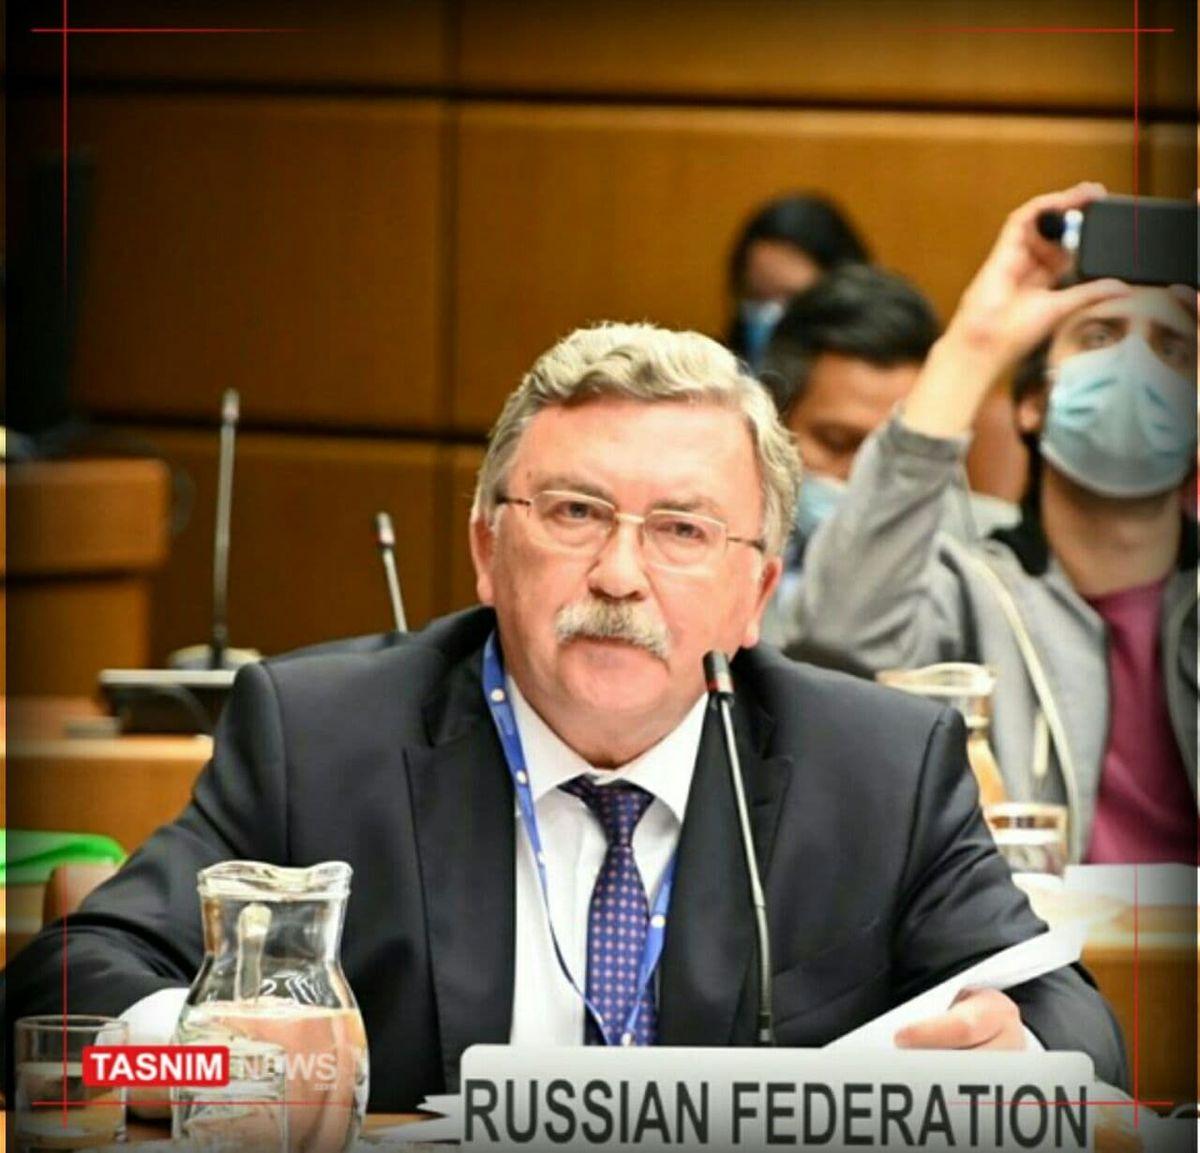 واکنش اولیانوف به استقبال فرانسه از واکسن روسی